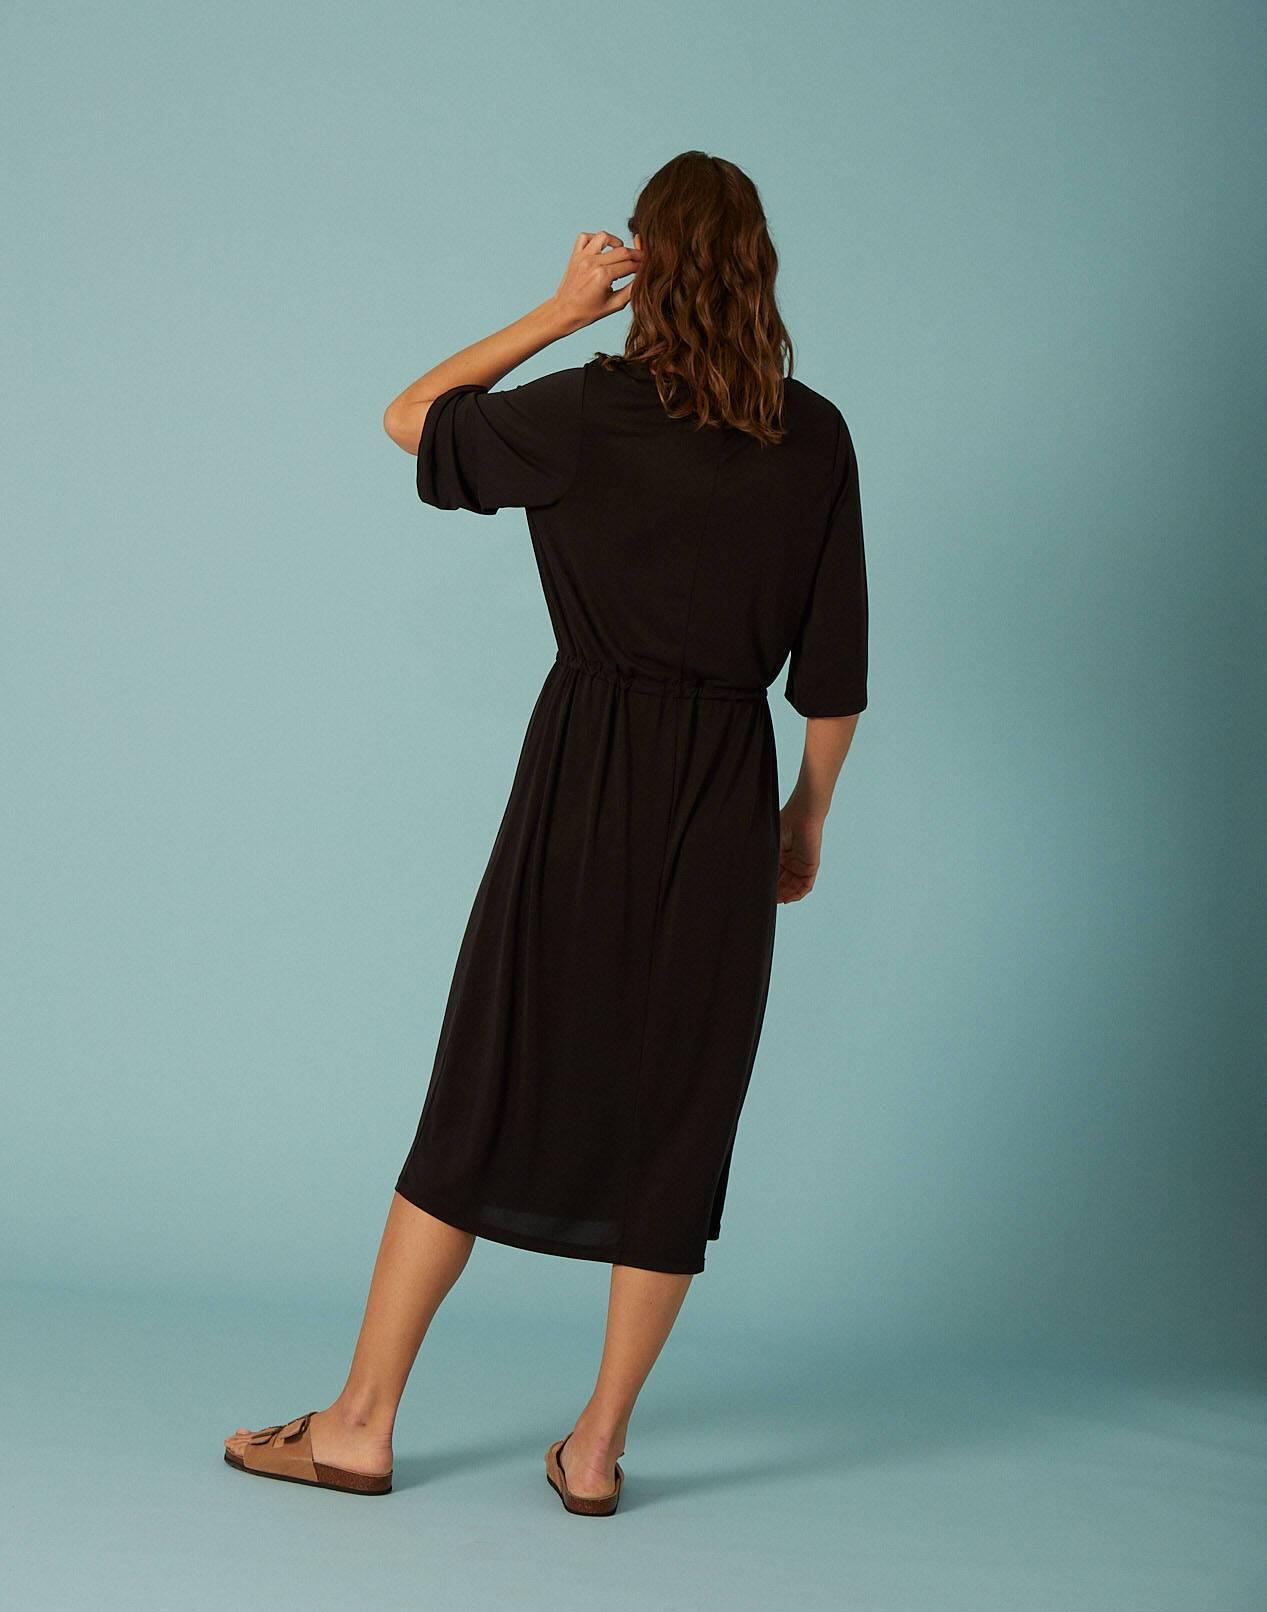 Vestido midi tejido amelocotonado